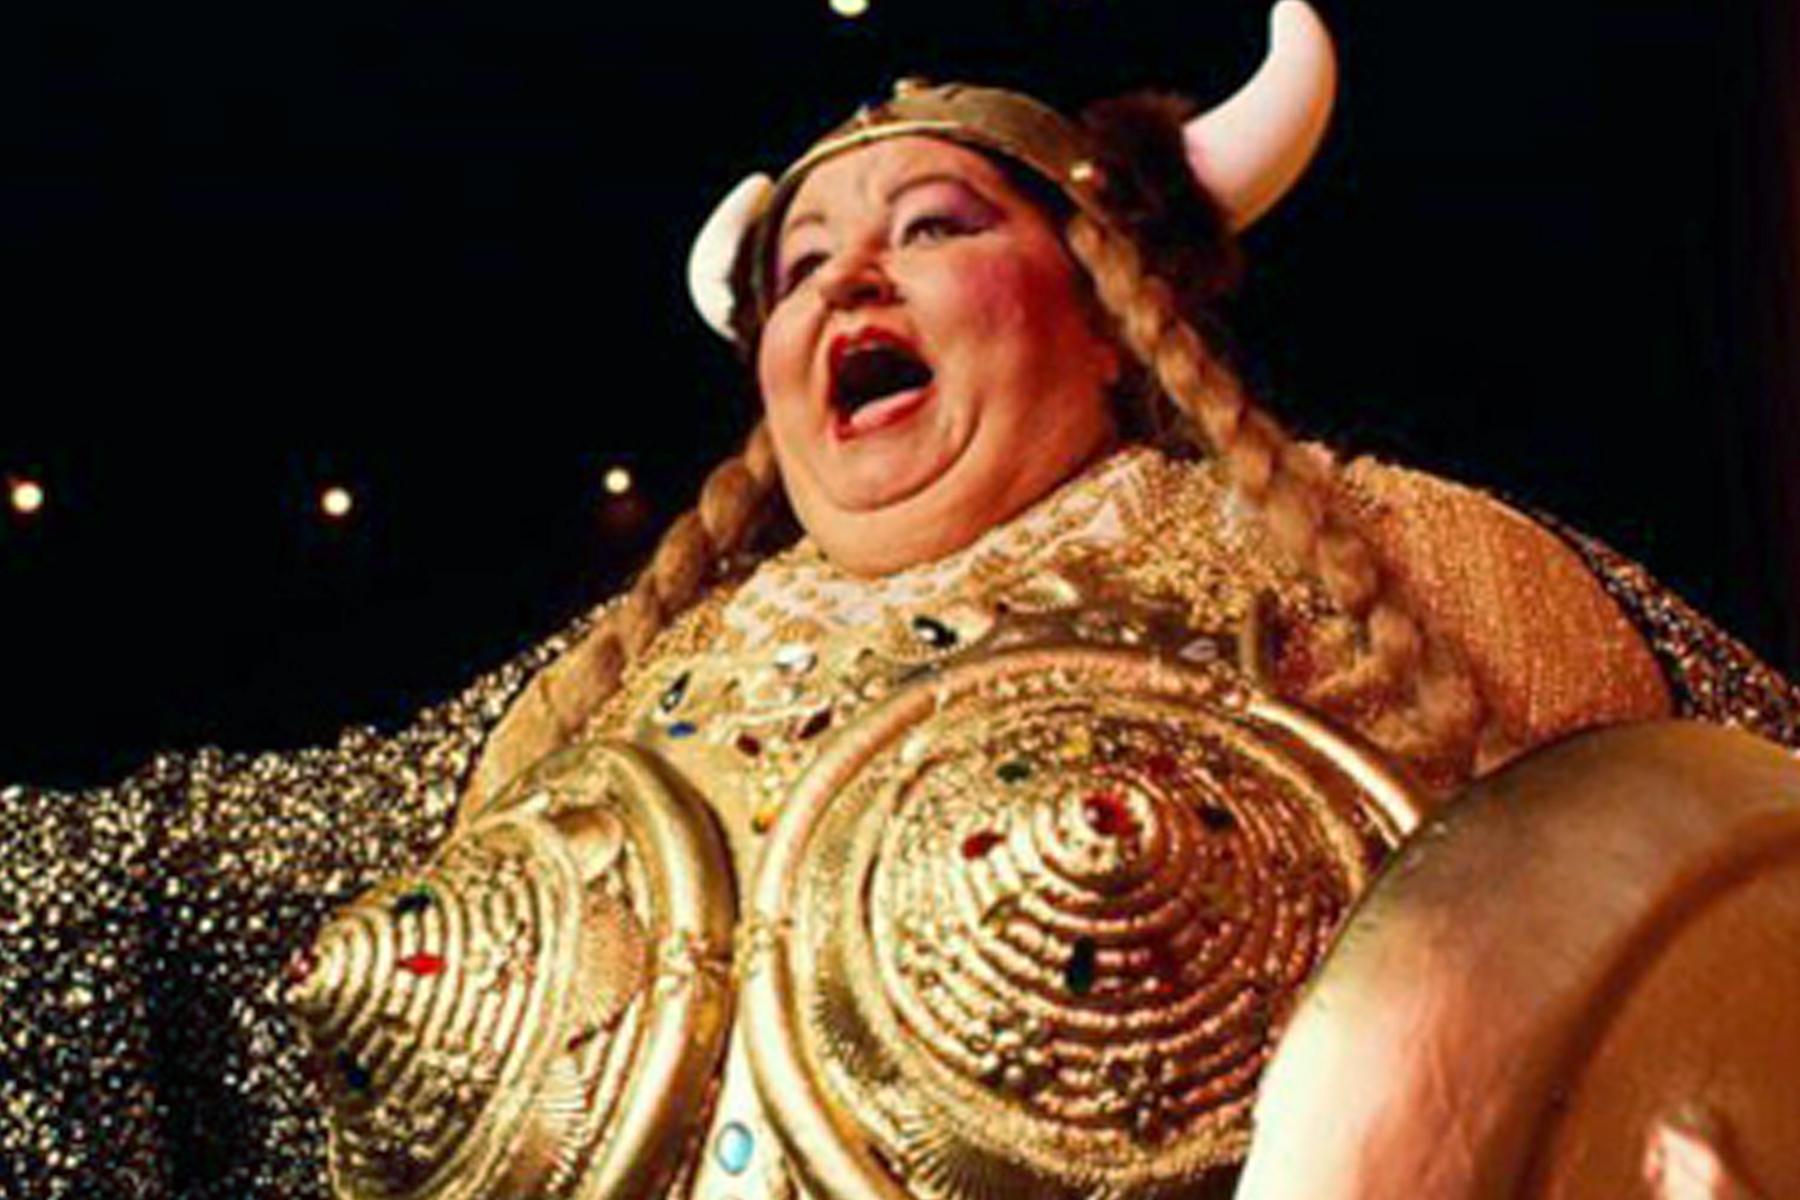 fat opera singer.jpg